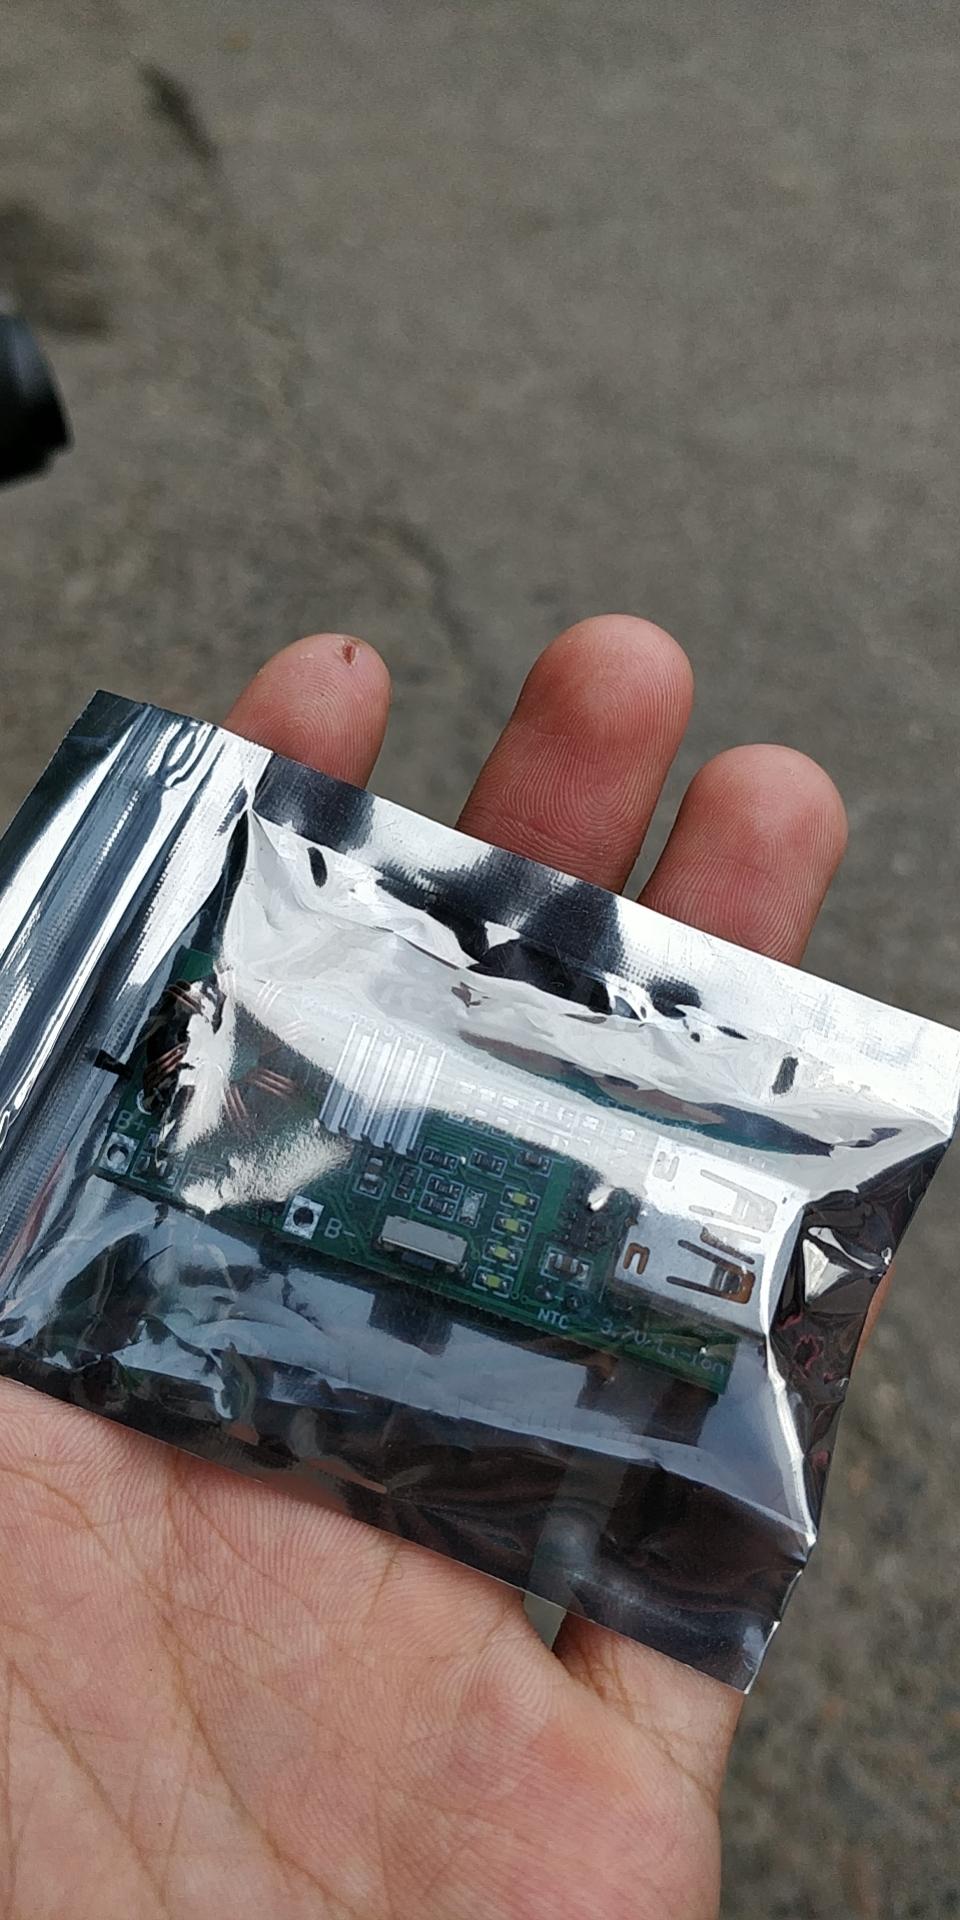 【日常】随便DIY了一个全协议的快充充电宝